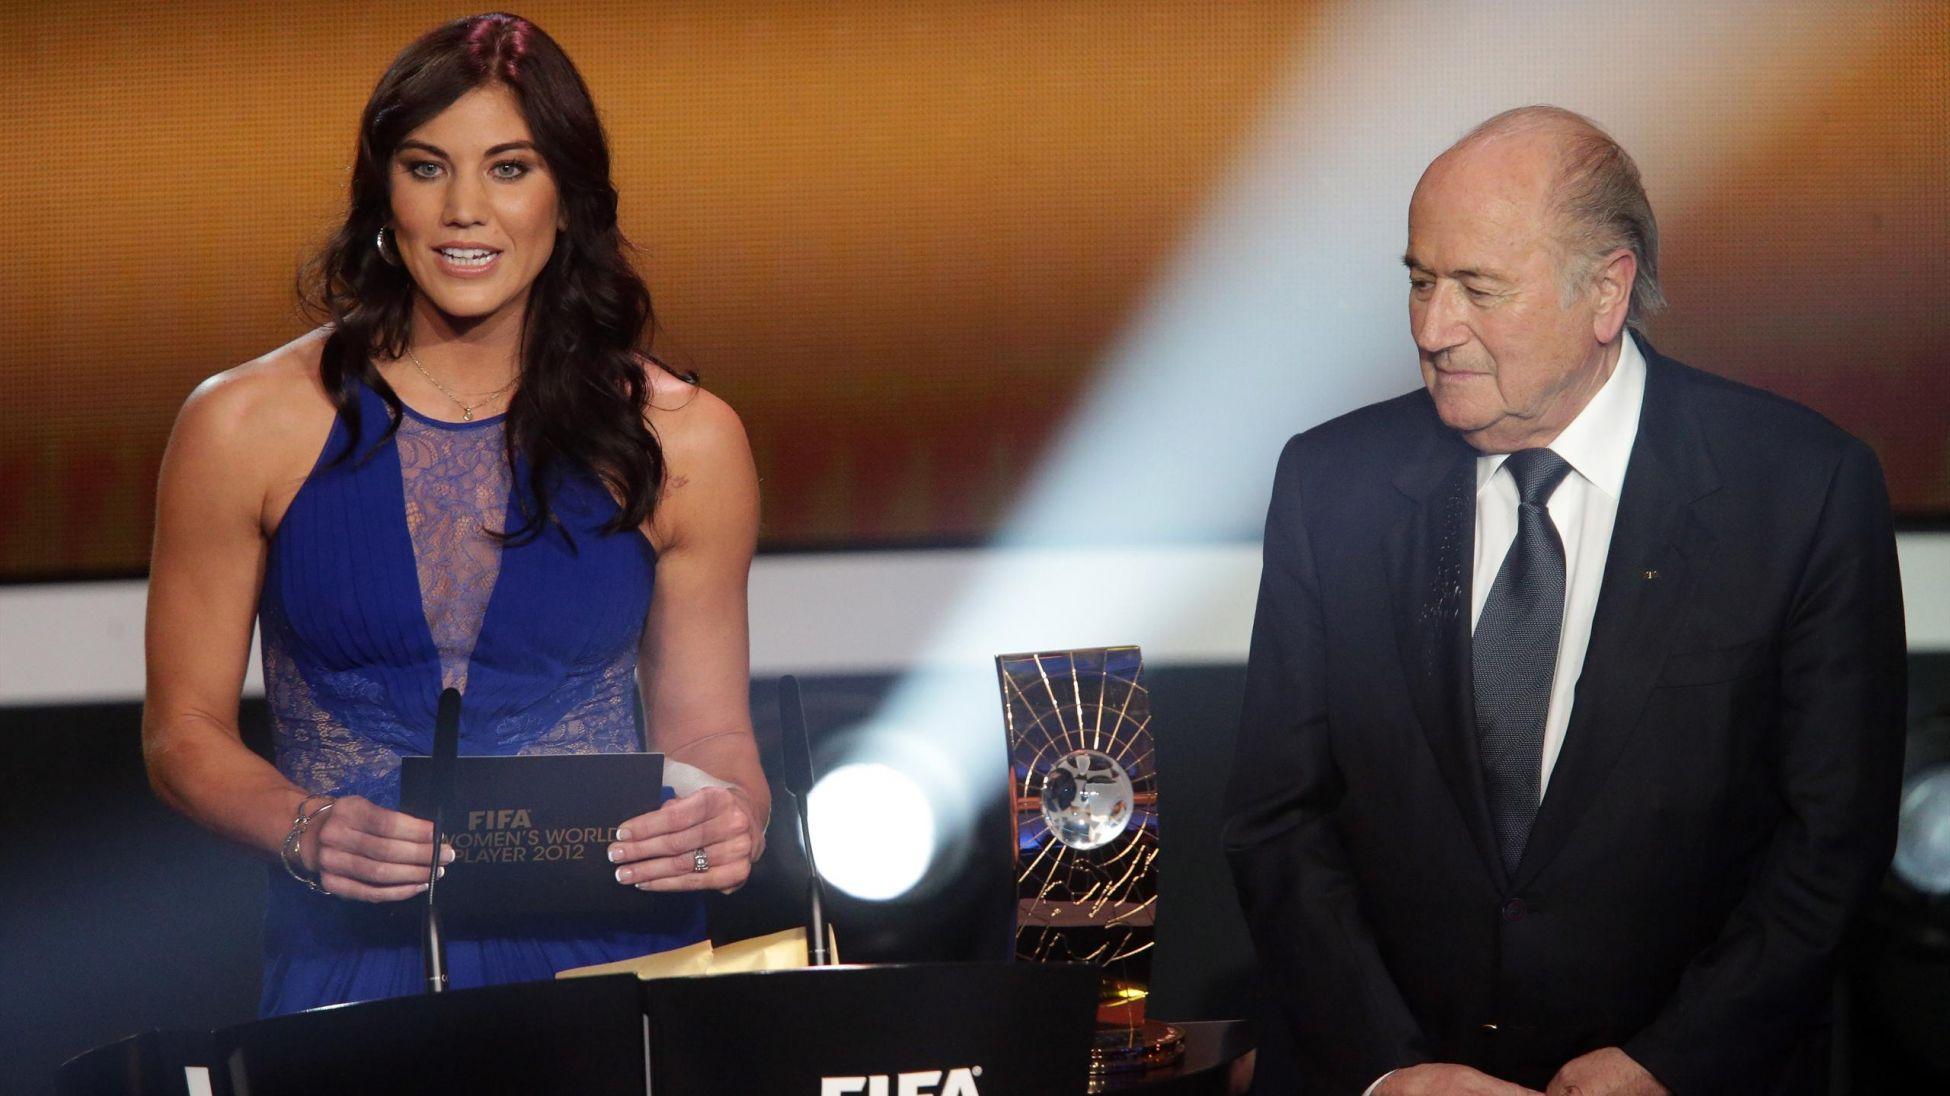 """L'ex portiere U.S.A. Hope Solo: """"Blatter mi ha palpato il sedere"""". Lui: """"Accuse ridicole"""""""